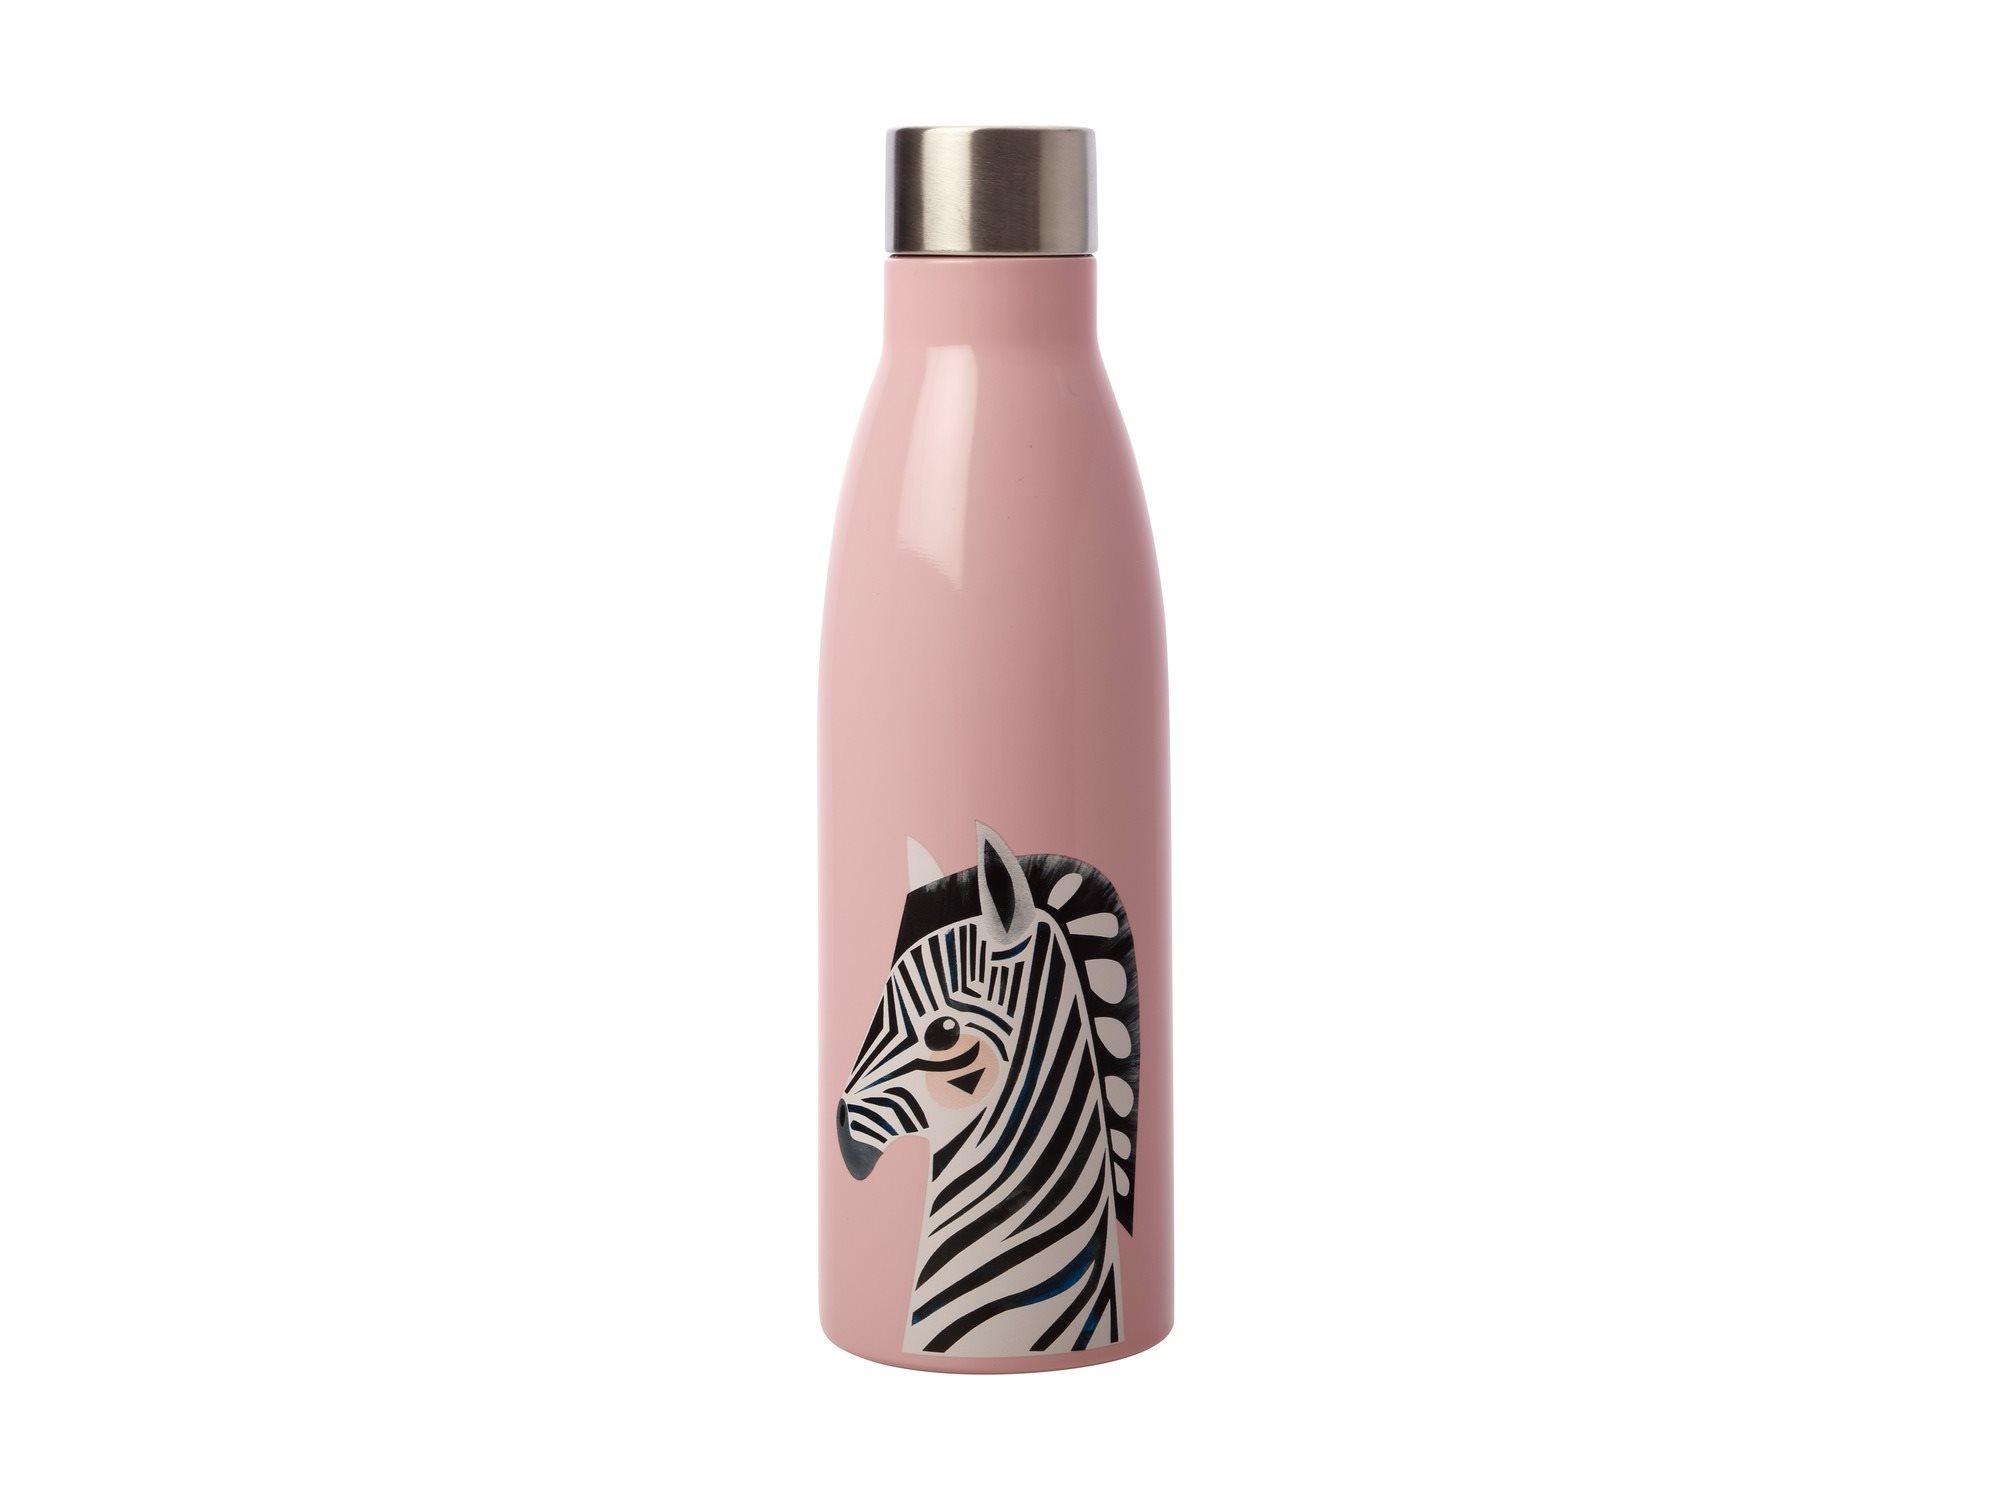 Maxwell & Williams Ανοξείδωτο Θερμομονωτικό Μπουκάλι Pete Cromer Zebra 500ml